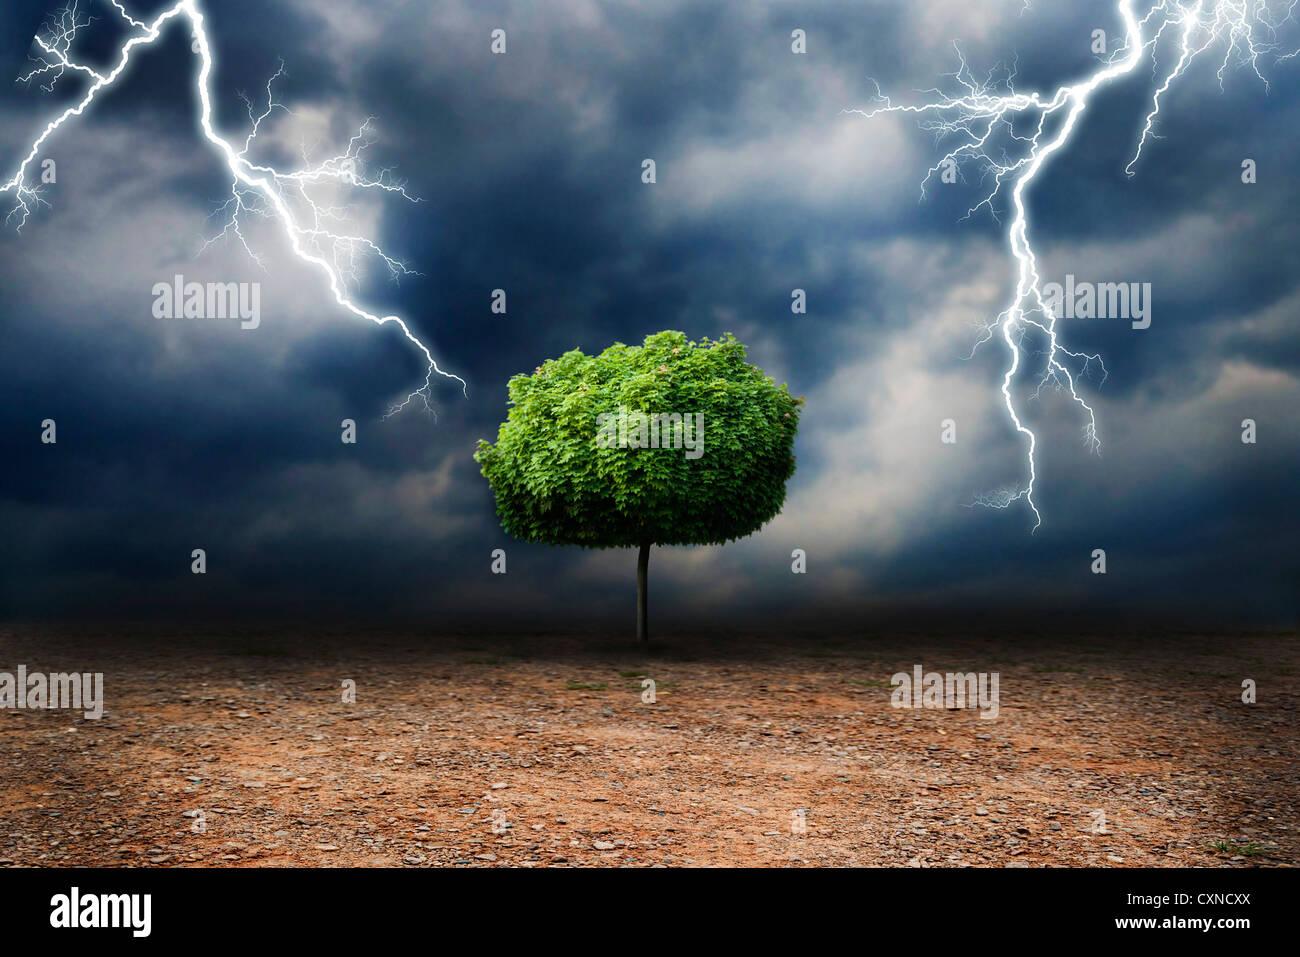 Arbre isolé sur une terre déserte, sous un orage, le réchauffement planétaire et le changement Photo Stock